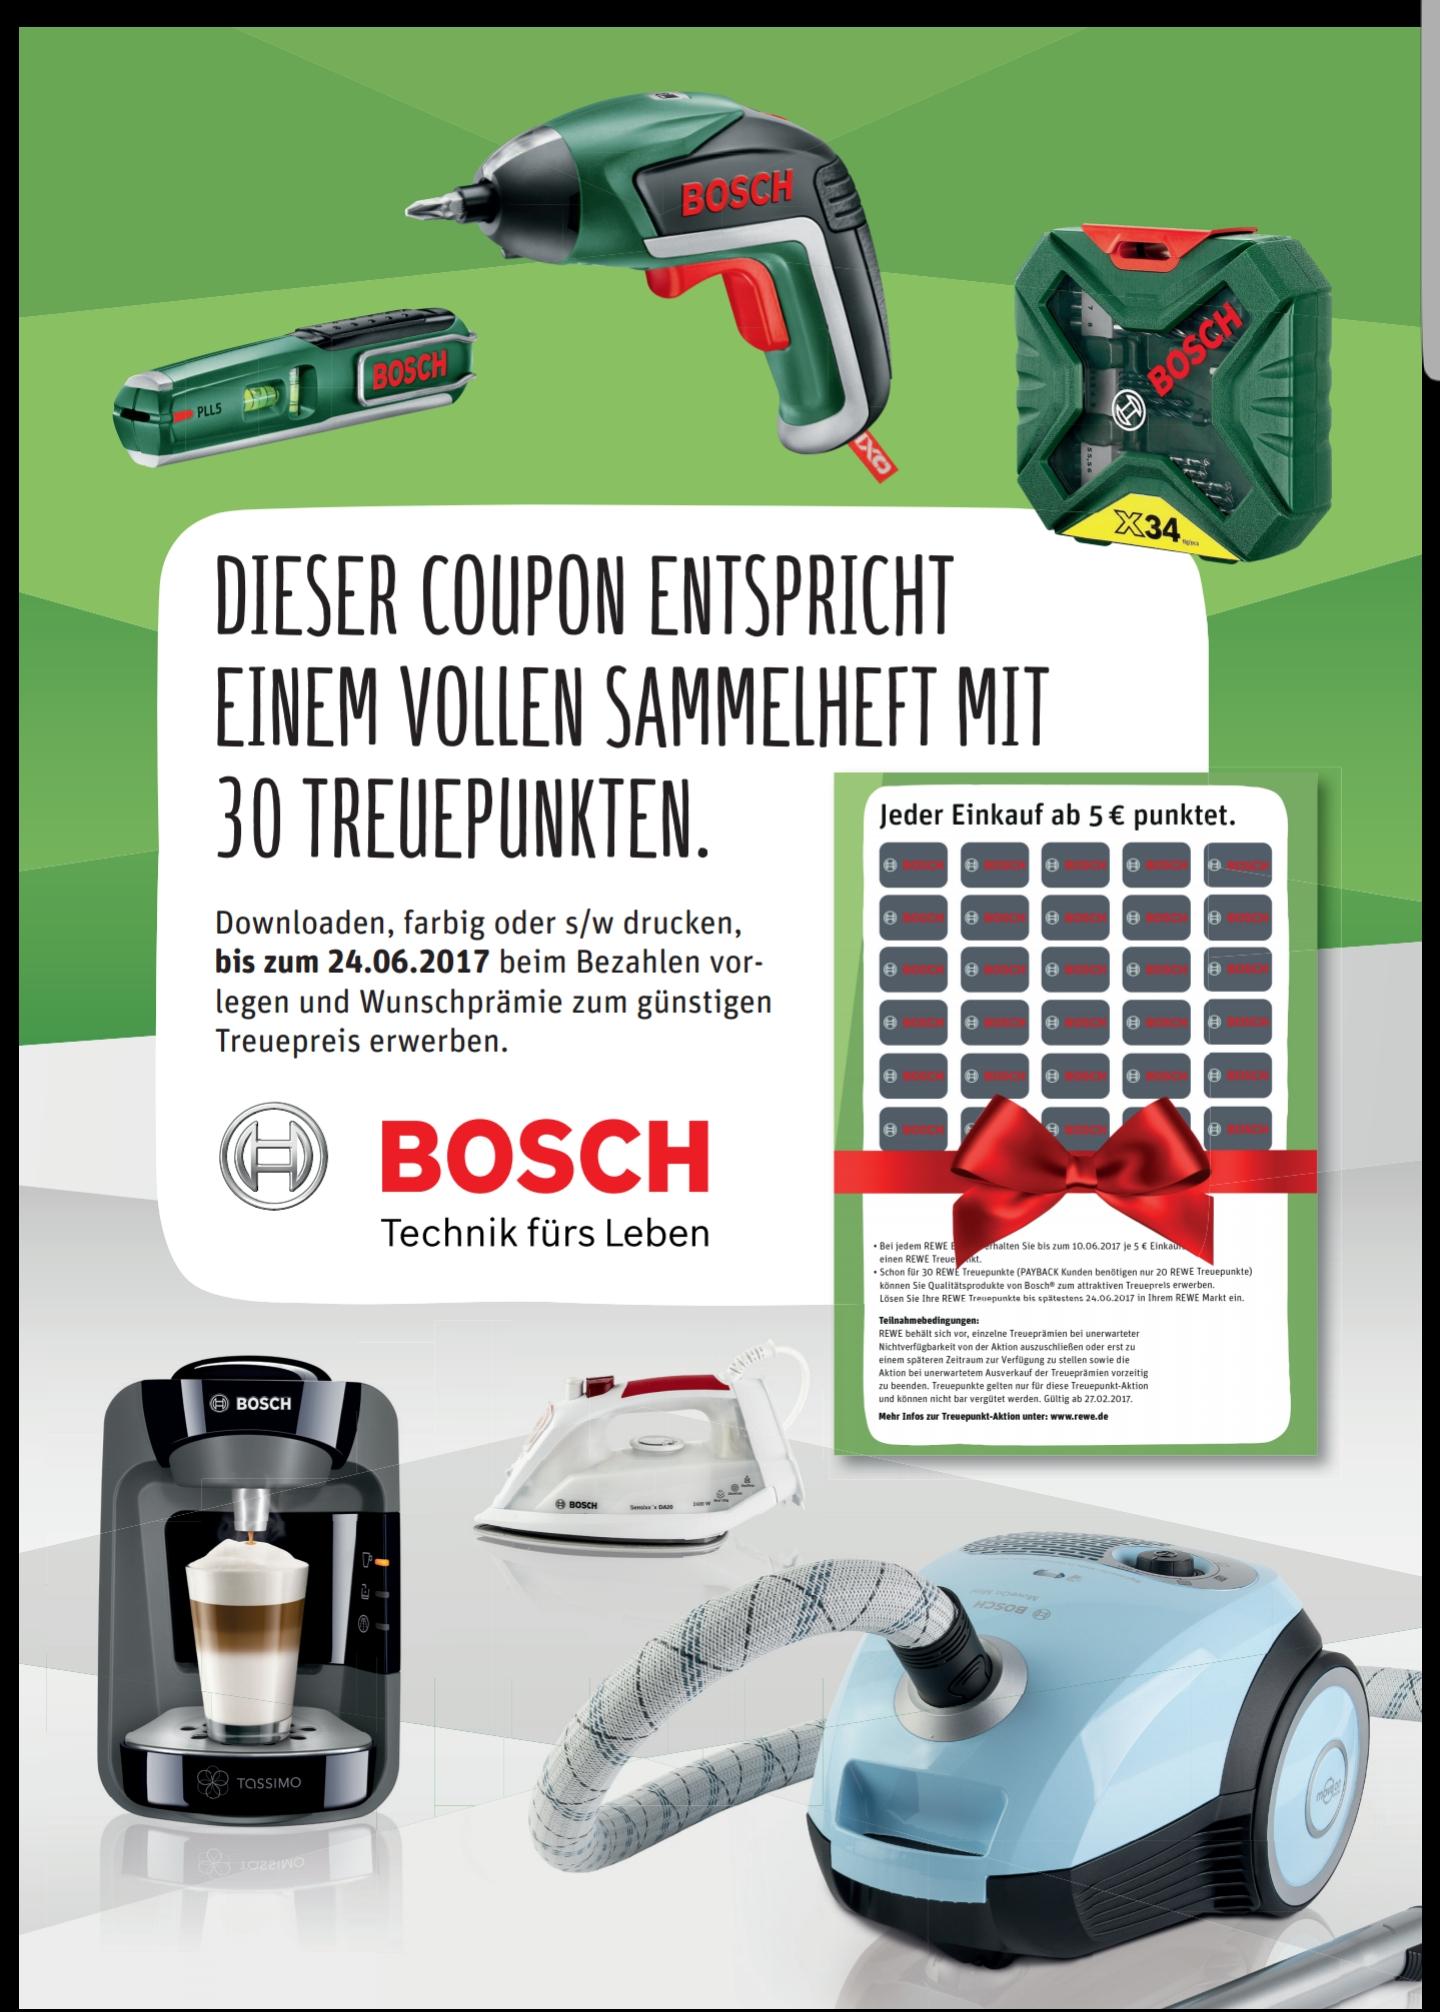 Volles Bosch-Sammelheft als Gutschein für Rewe